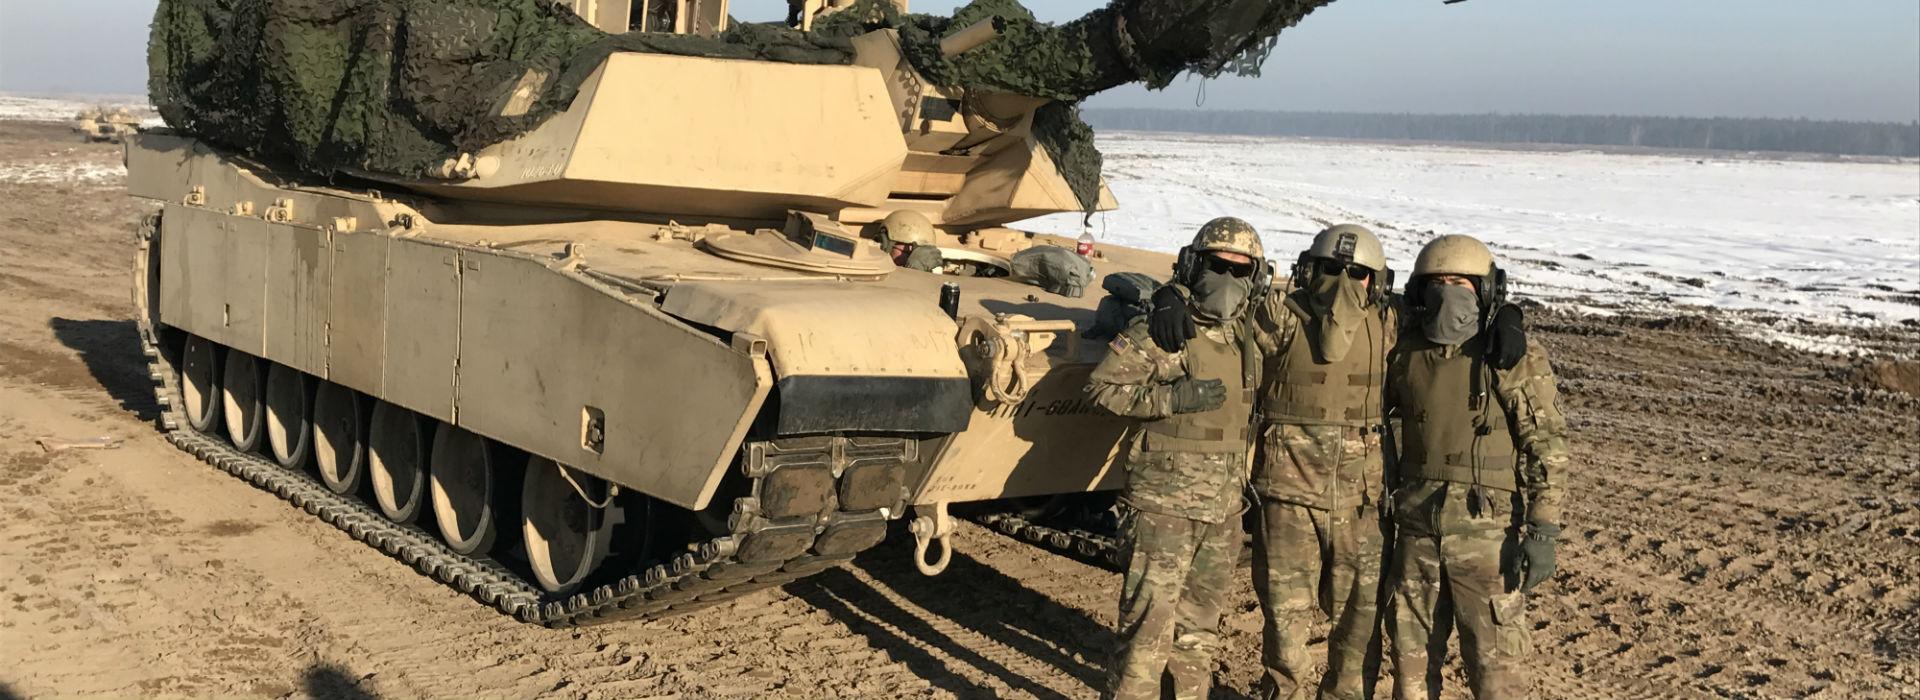 Amerykańscy żołnierze czują się u nas jak w domu